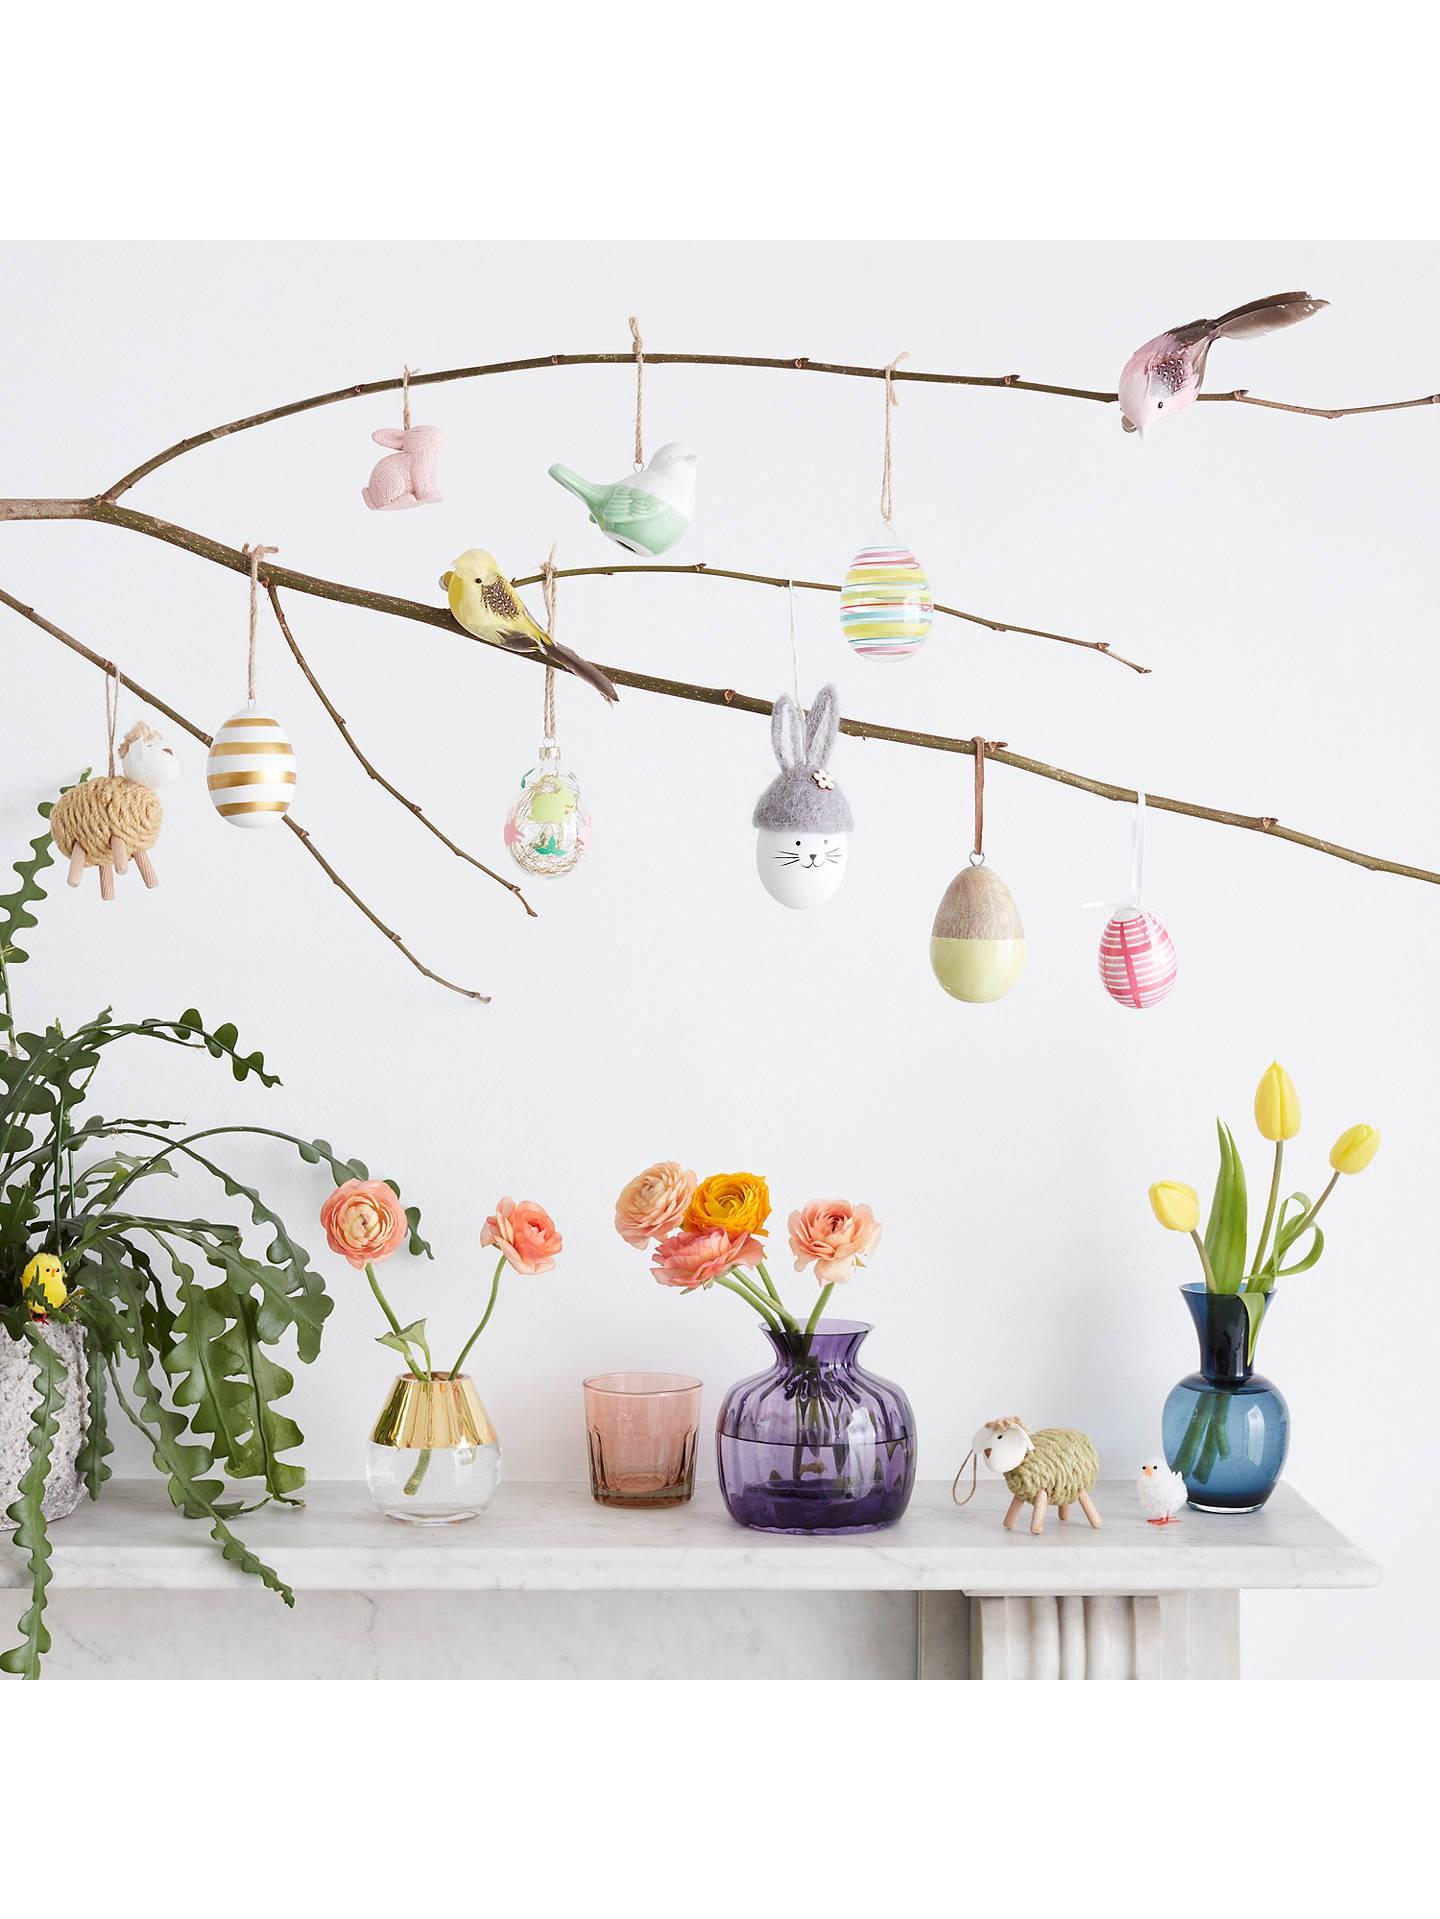 Déco de Pâques: arbre décoré d'oeufs multicolores.